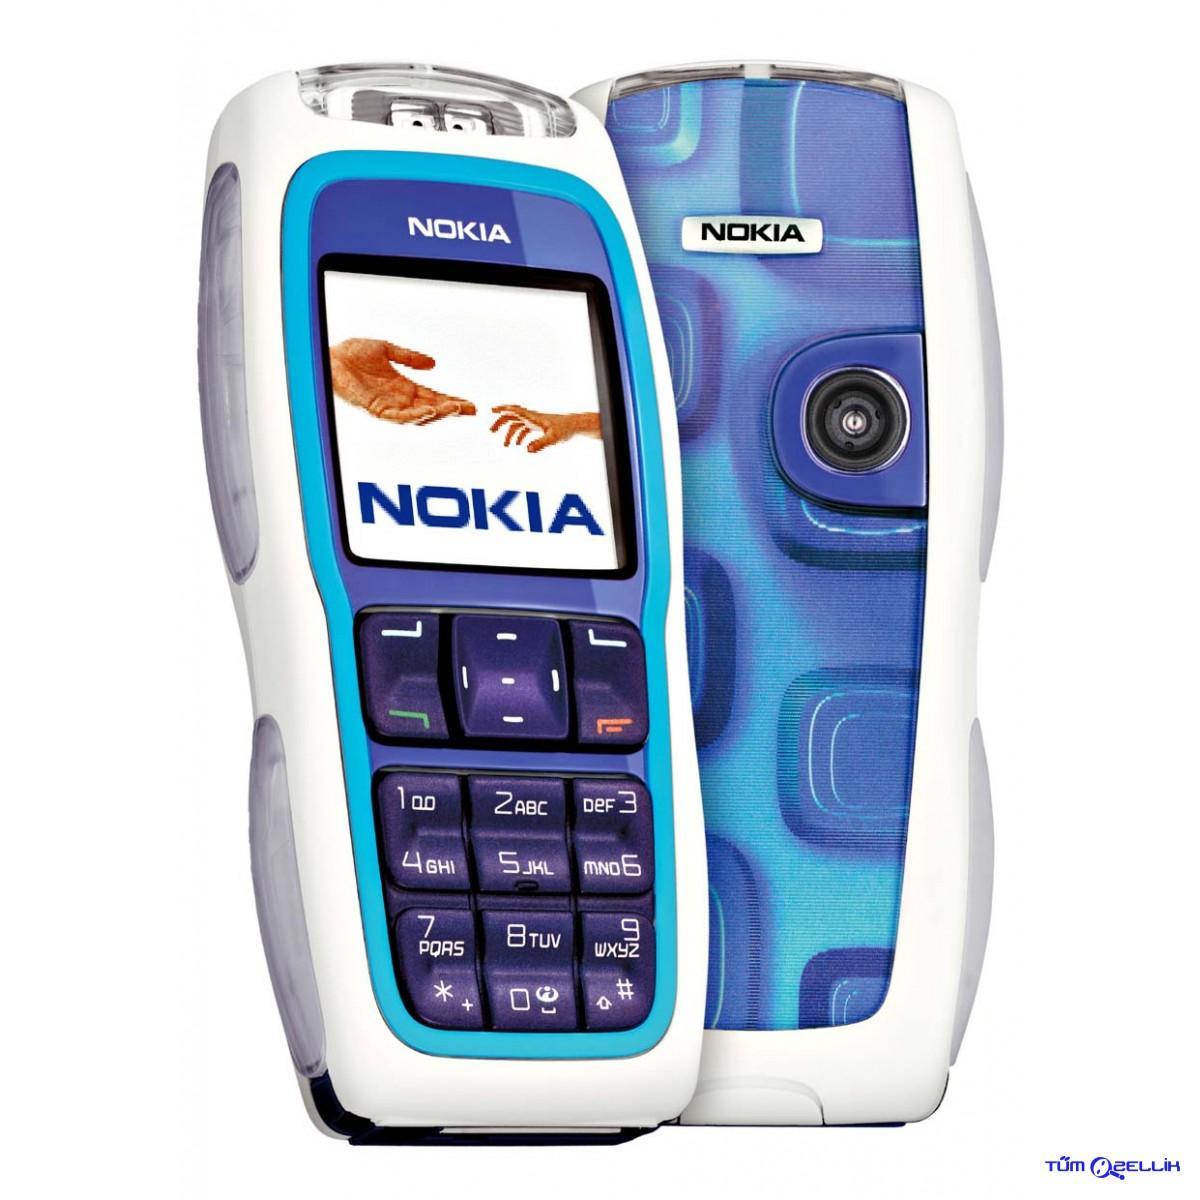 Cửa Hàng Điện Thoại Nokia 3220 4 Đen Led Tặng Pin Sạc Nokia Imported Trong Vietnam